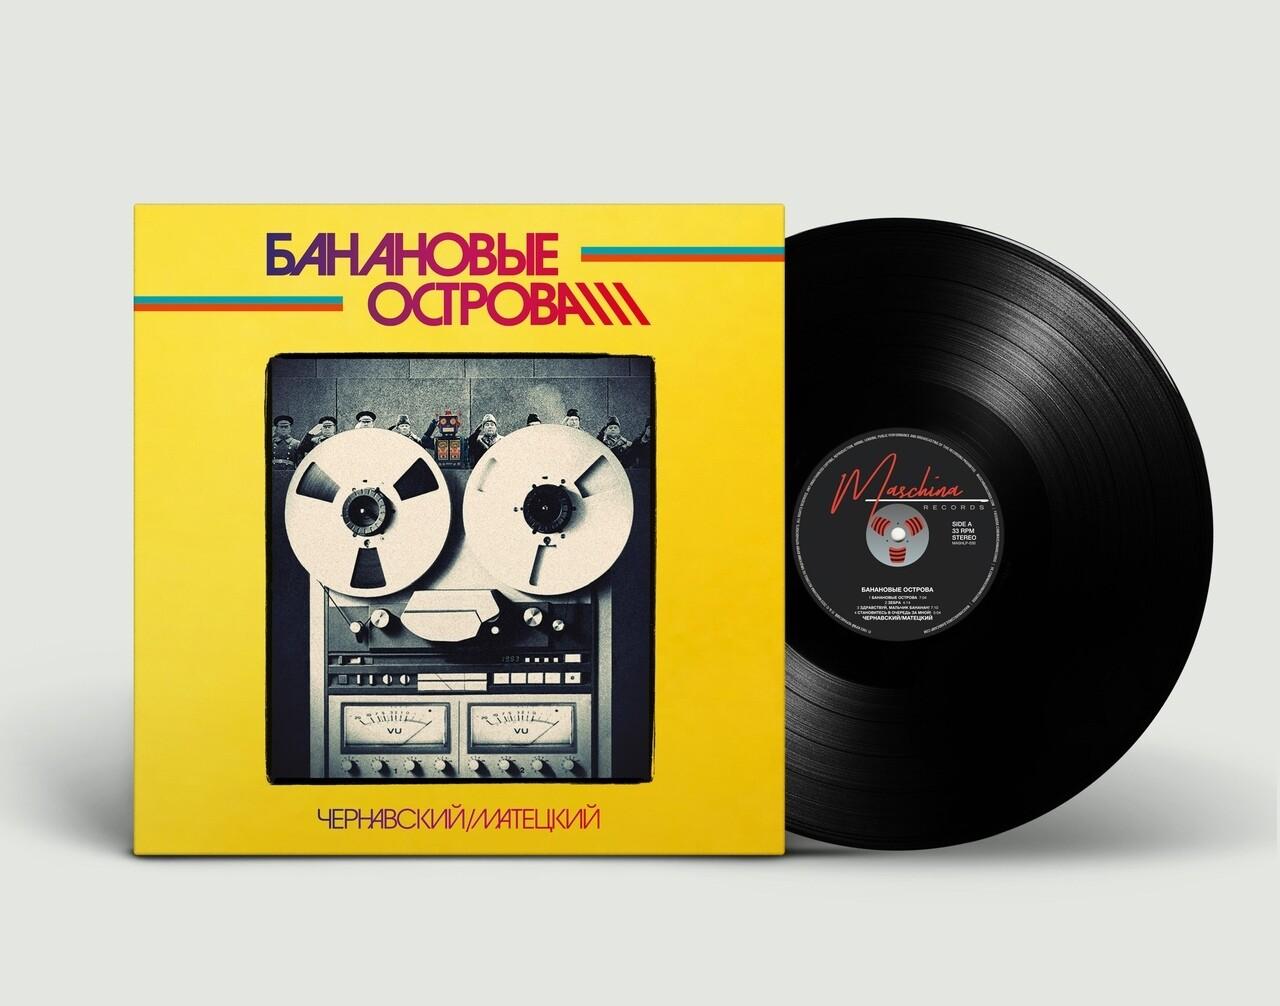 LP: Чернавский & Матецкий — «Банановые Острова» (1984/2020) [Black Vinyl]